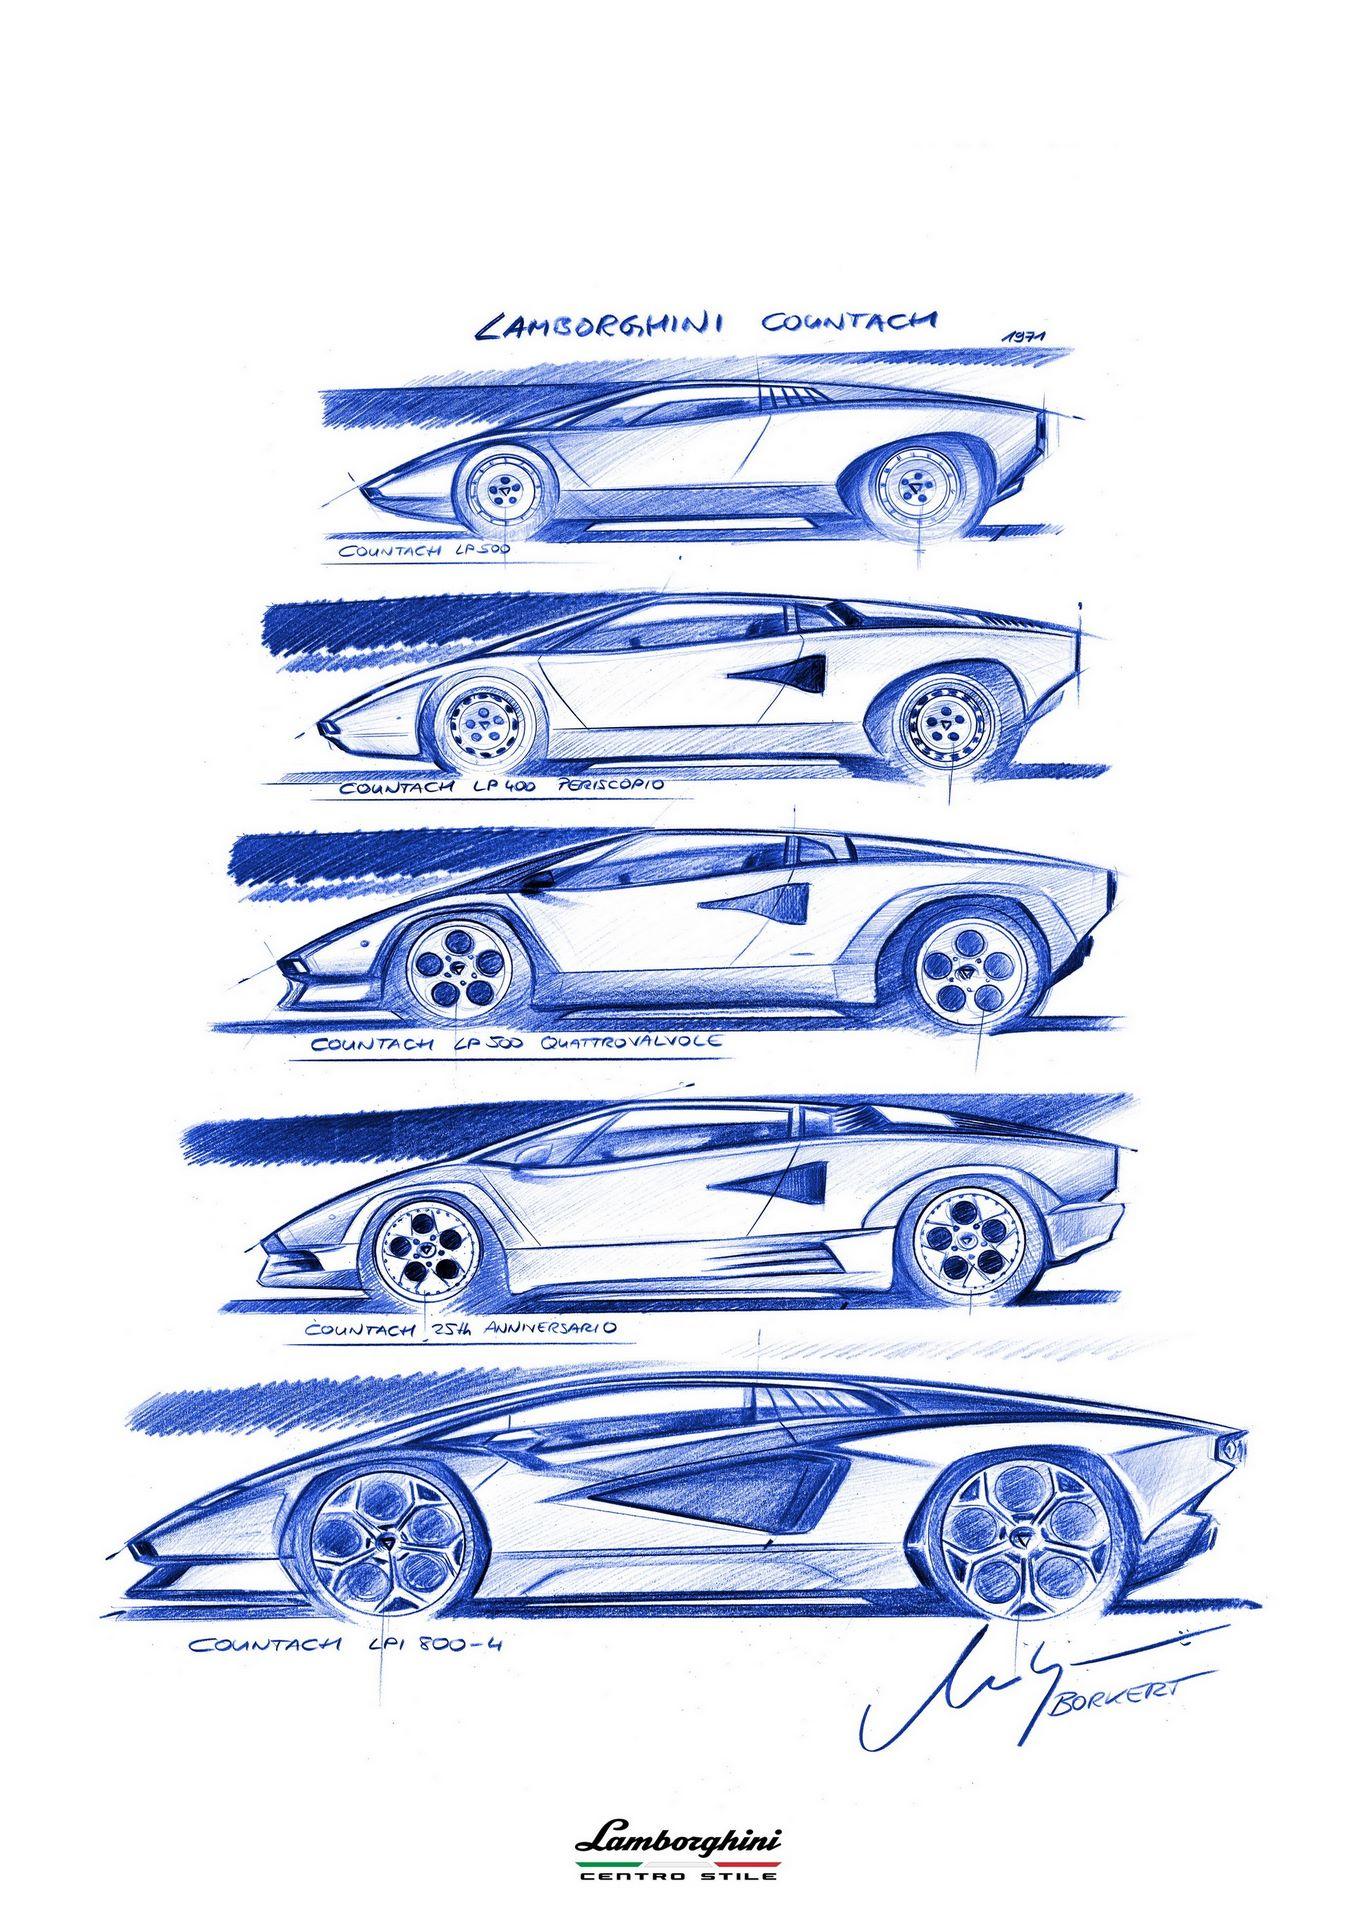 Lamborghini-Countach-LPI-800-4-114